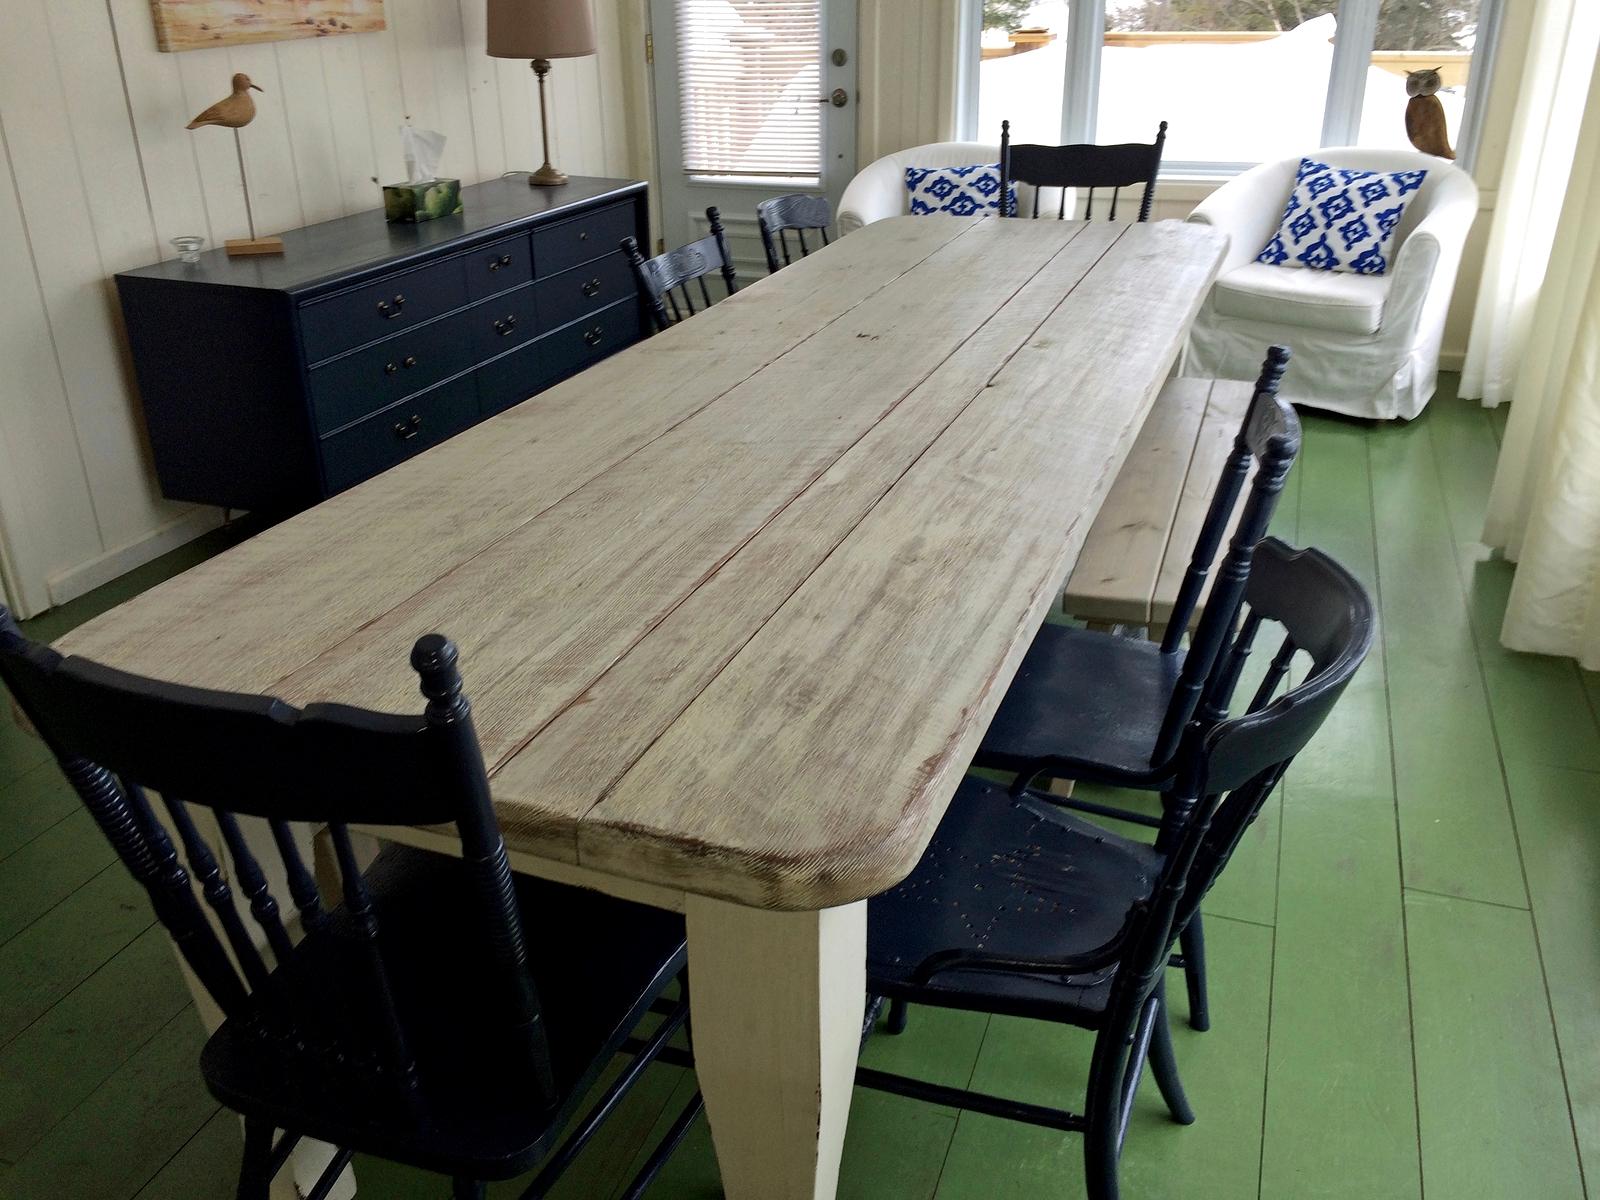 Table sur mesure salle a manger cuisine antique lanaudiere for Table salle a manger sur mesure